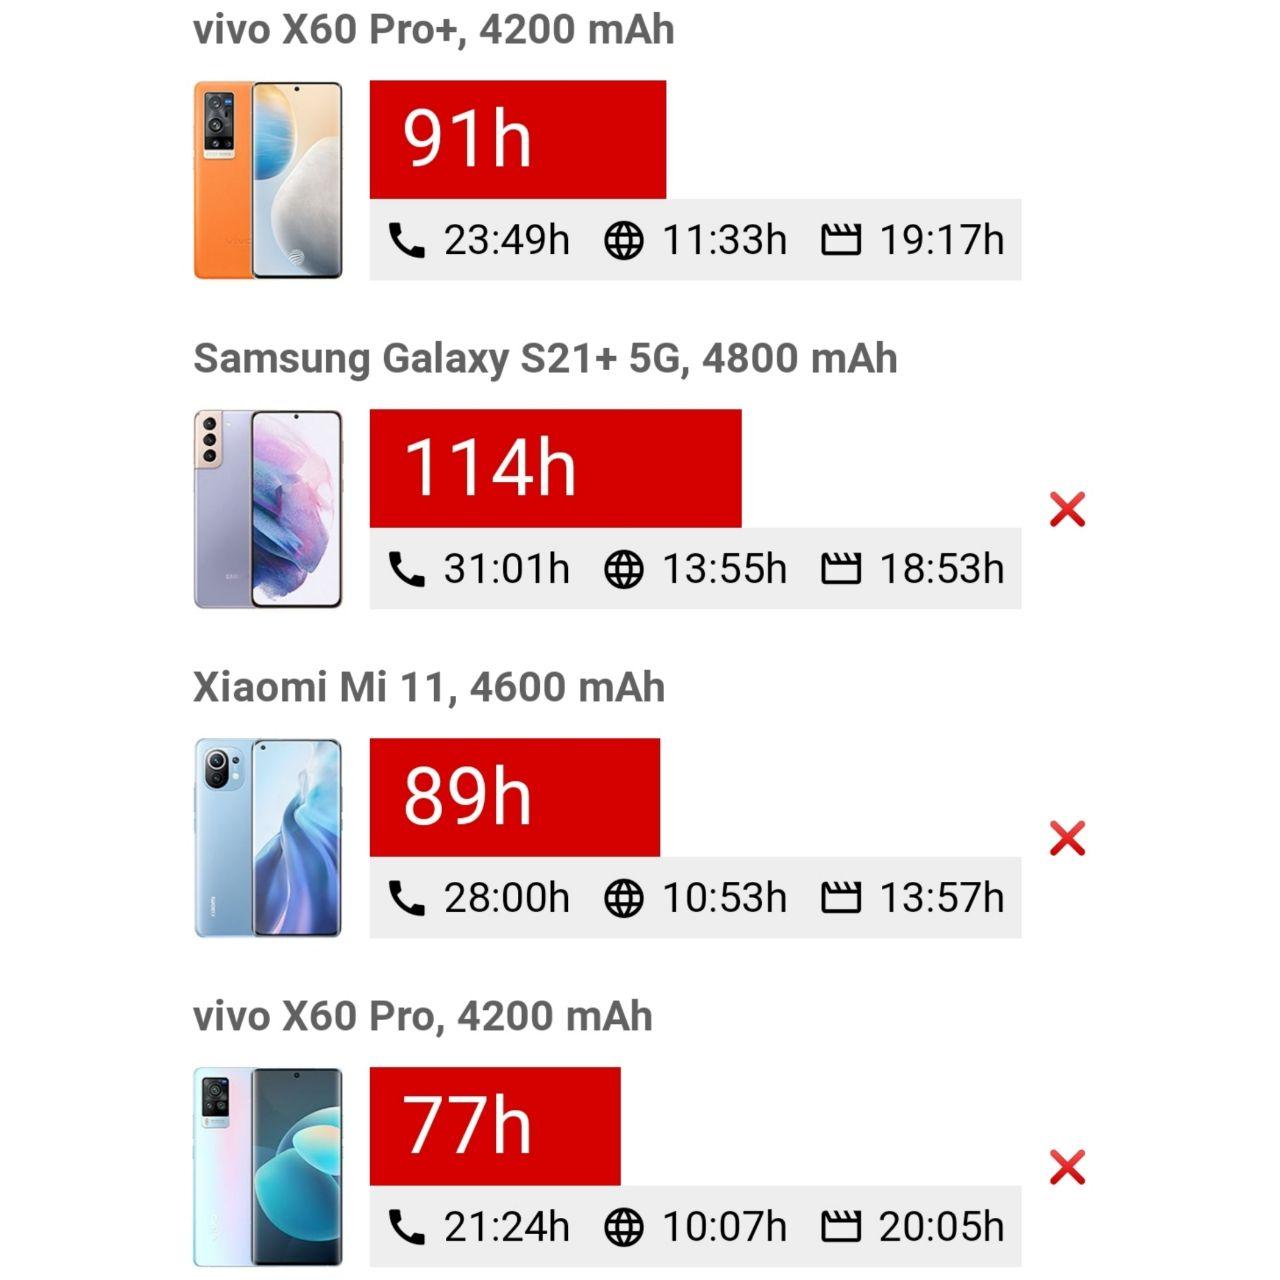 مقایسه عمر باتری Vivo X60 Pro Plus